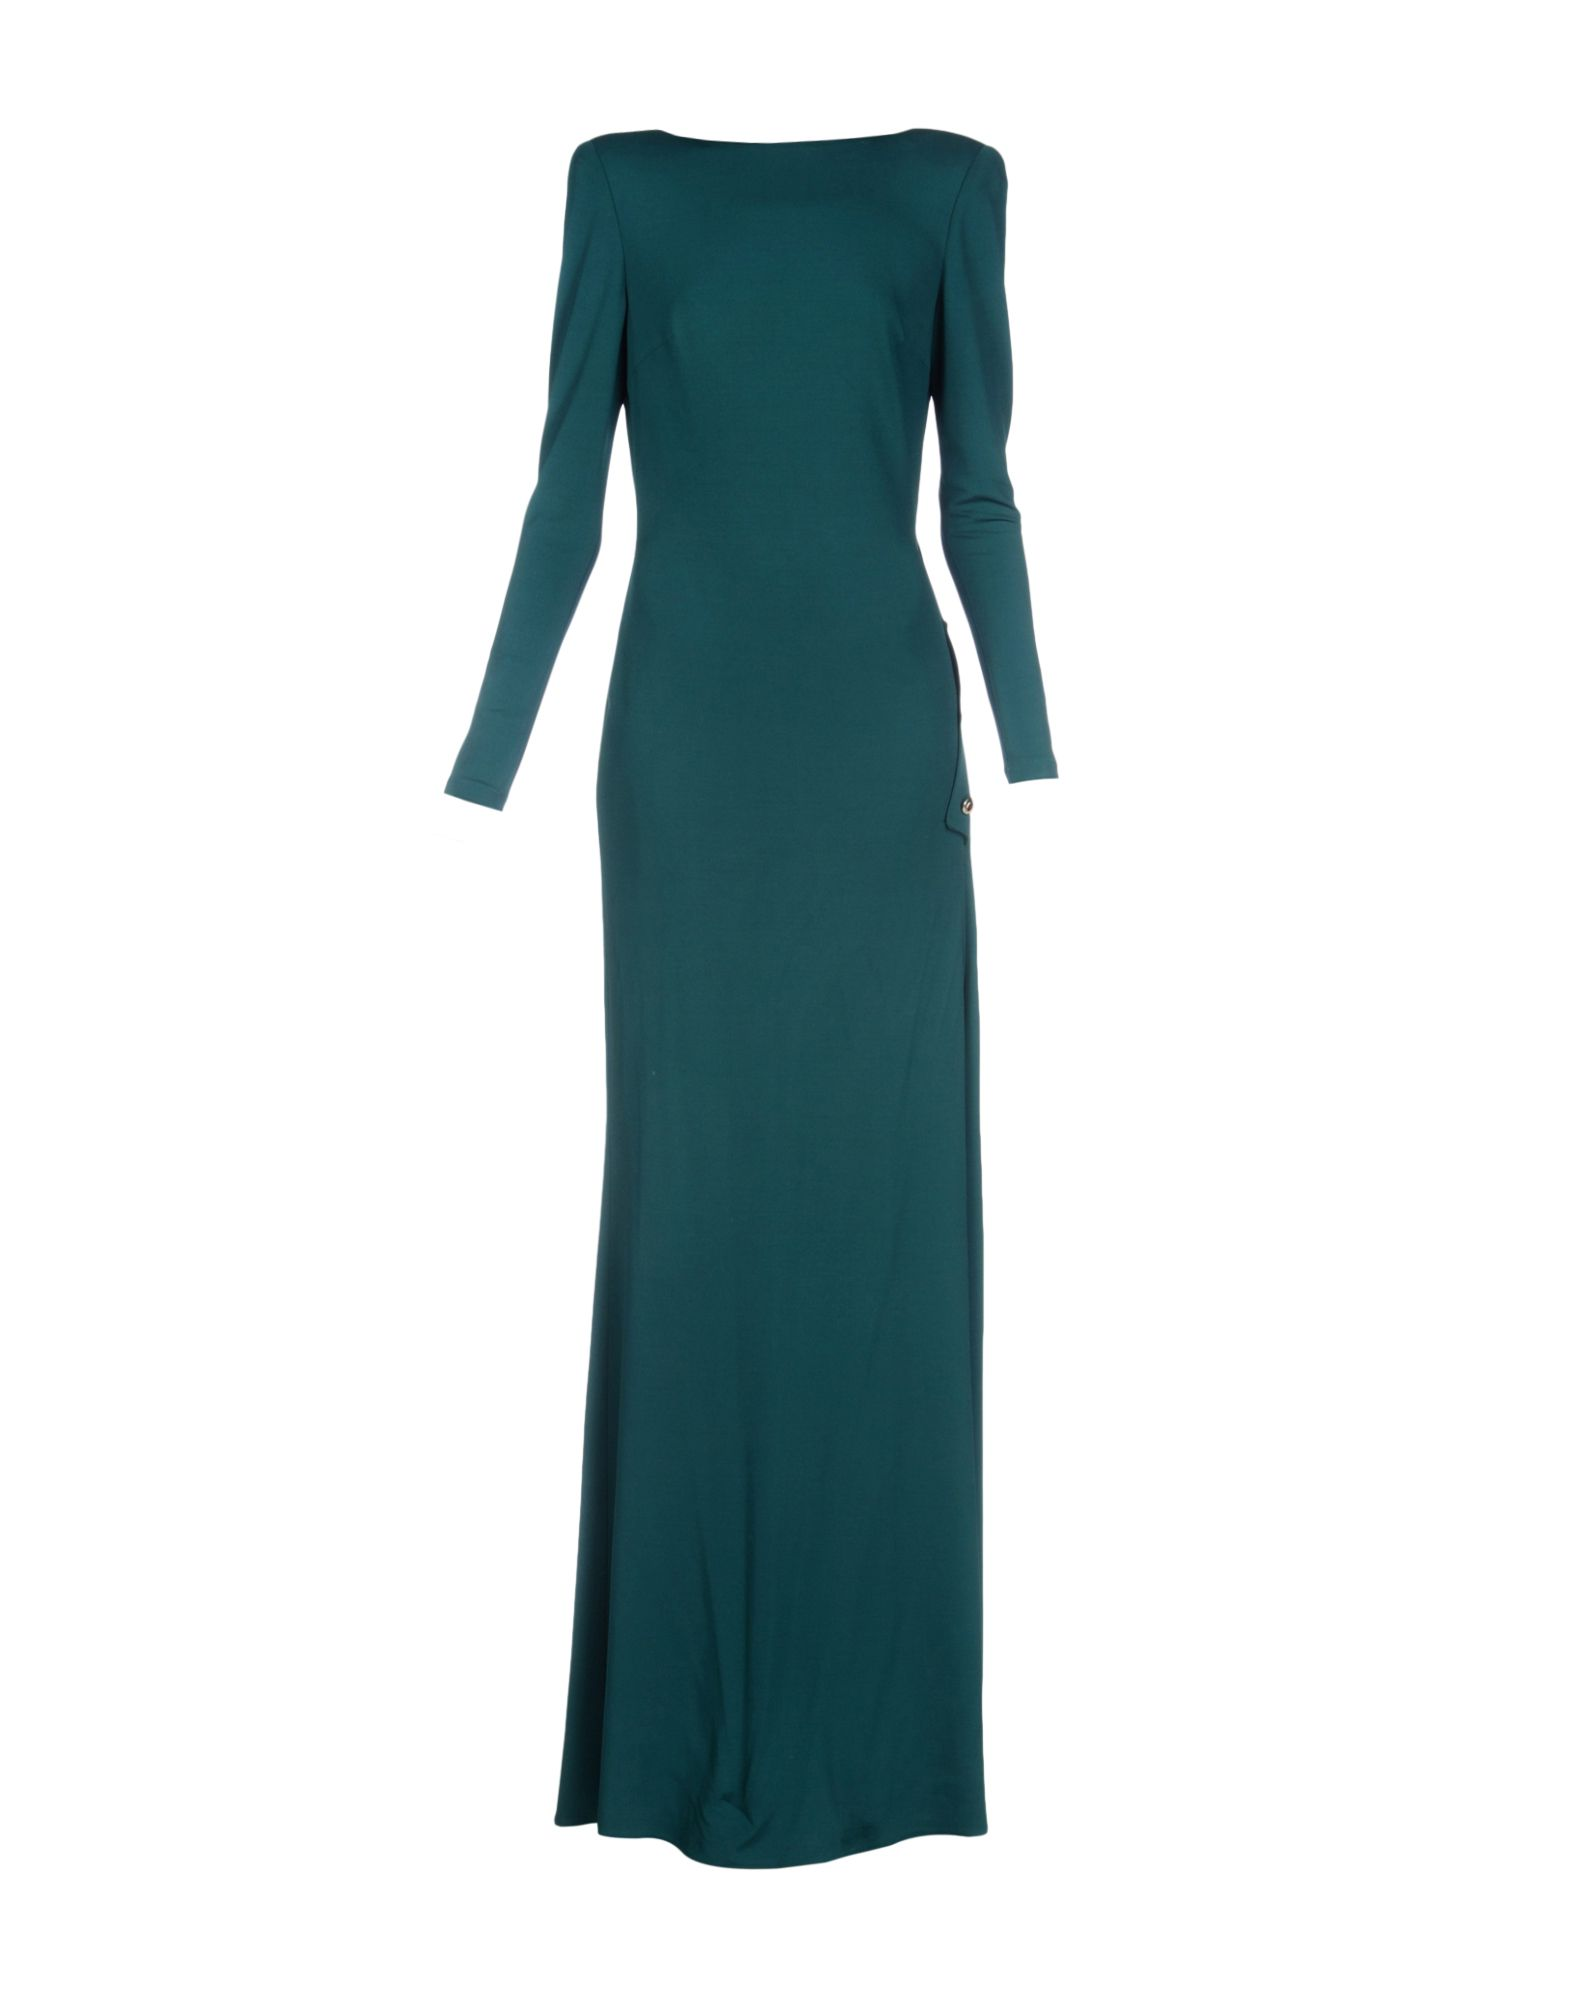 ELIE SAAB Длинное платье вечернее платье backless evening dresses sequin elie saab z2013122702